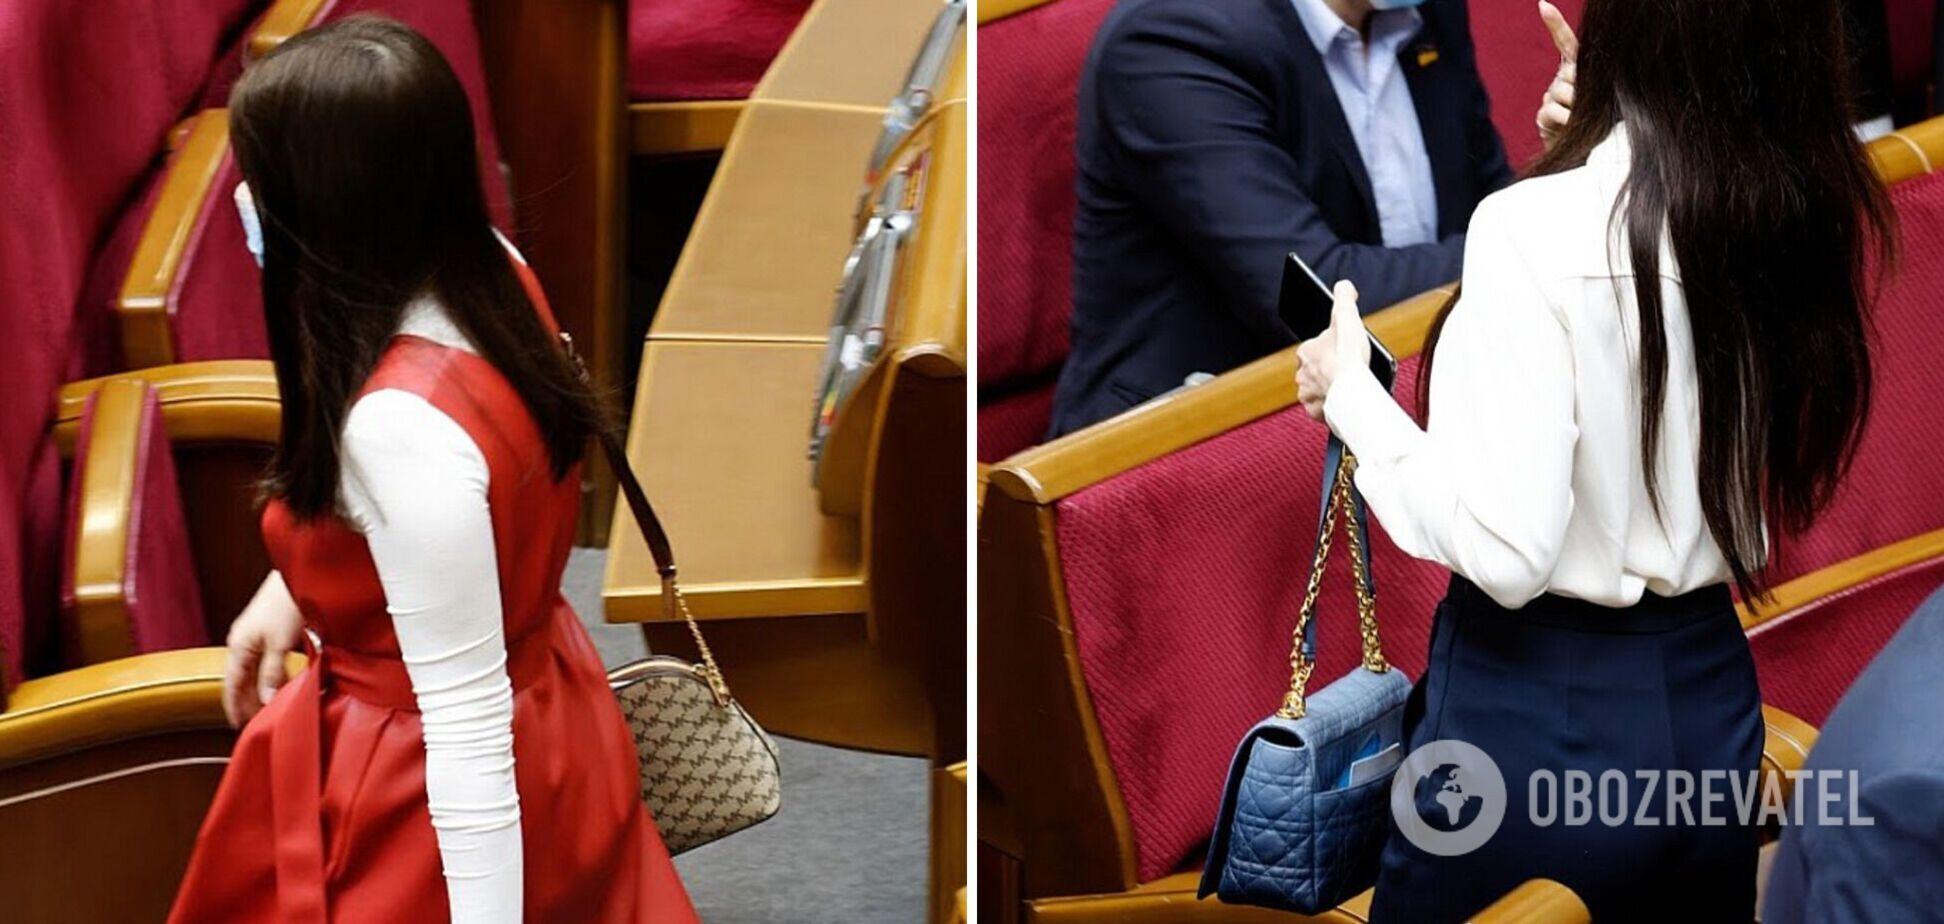 ЗМІ показали елітні сумки нардепок і розкрили вартість. Фото